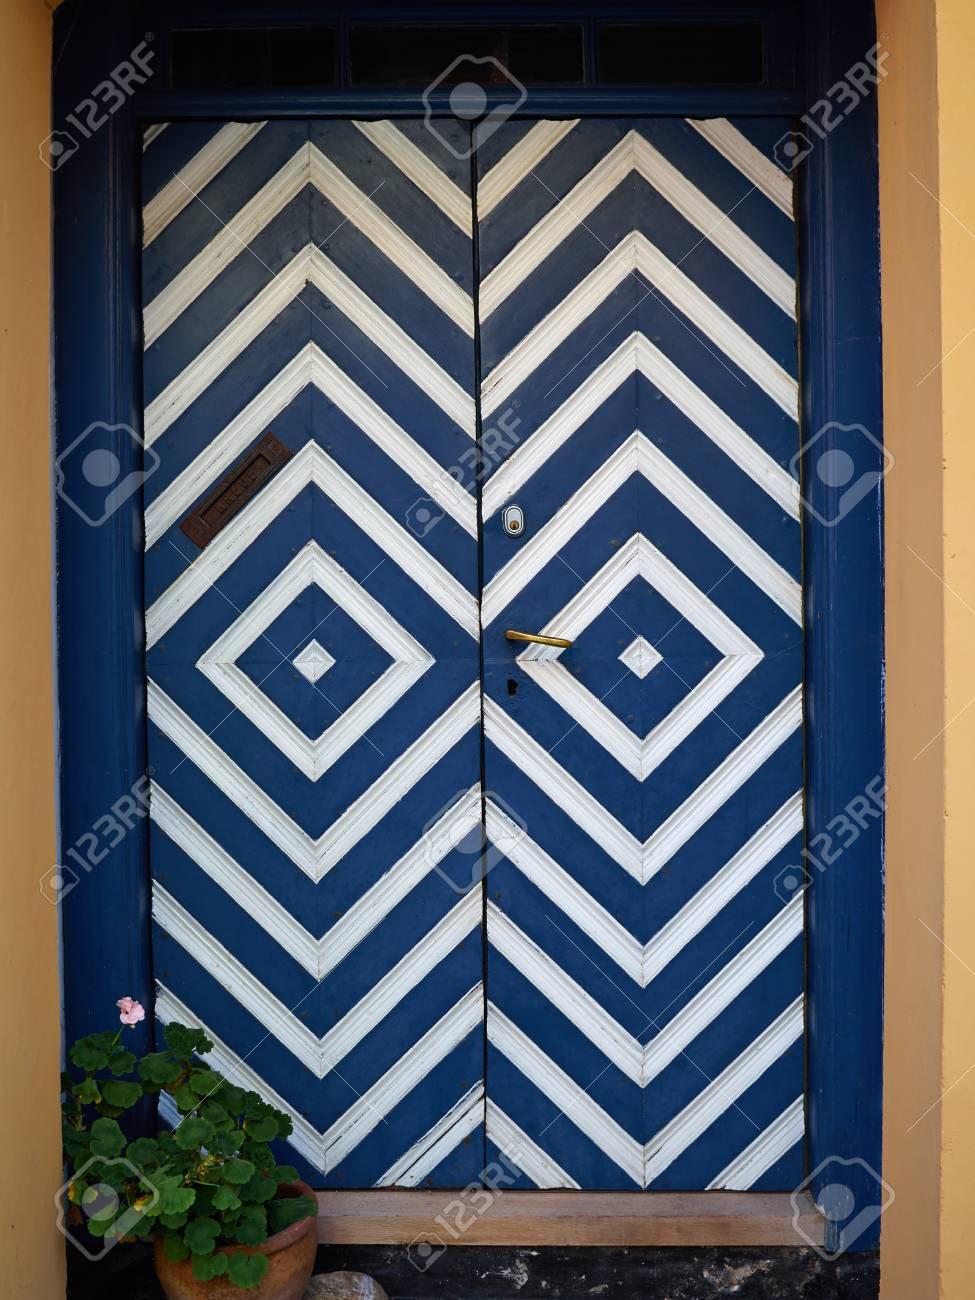 Artisanat coloré traditionnel vintage en bois blanc bleu porte d'entrée Danemark